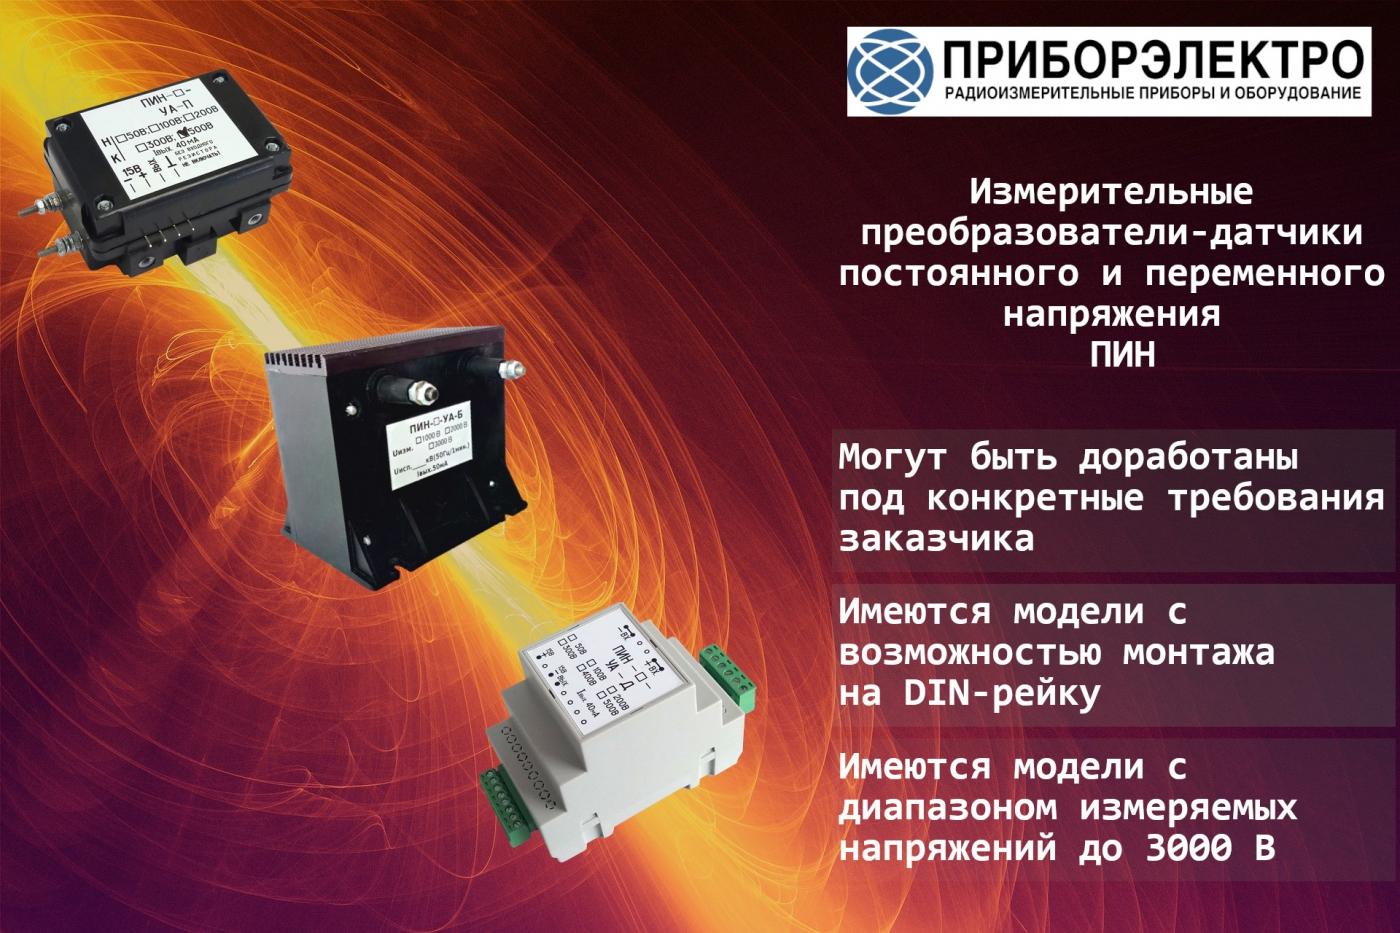 Датчики постоянного и переменного напряжения серии ПИН